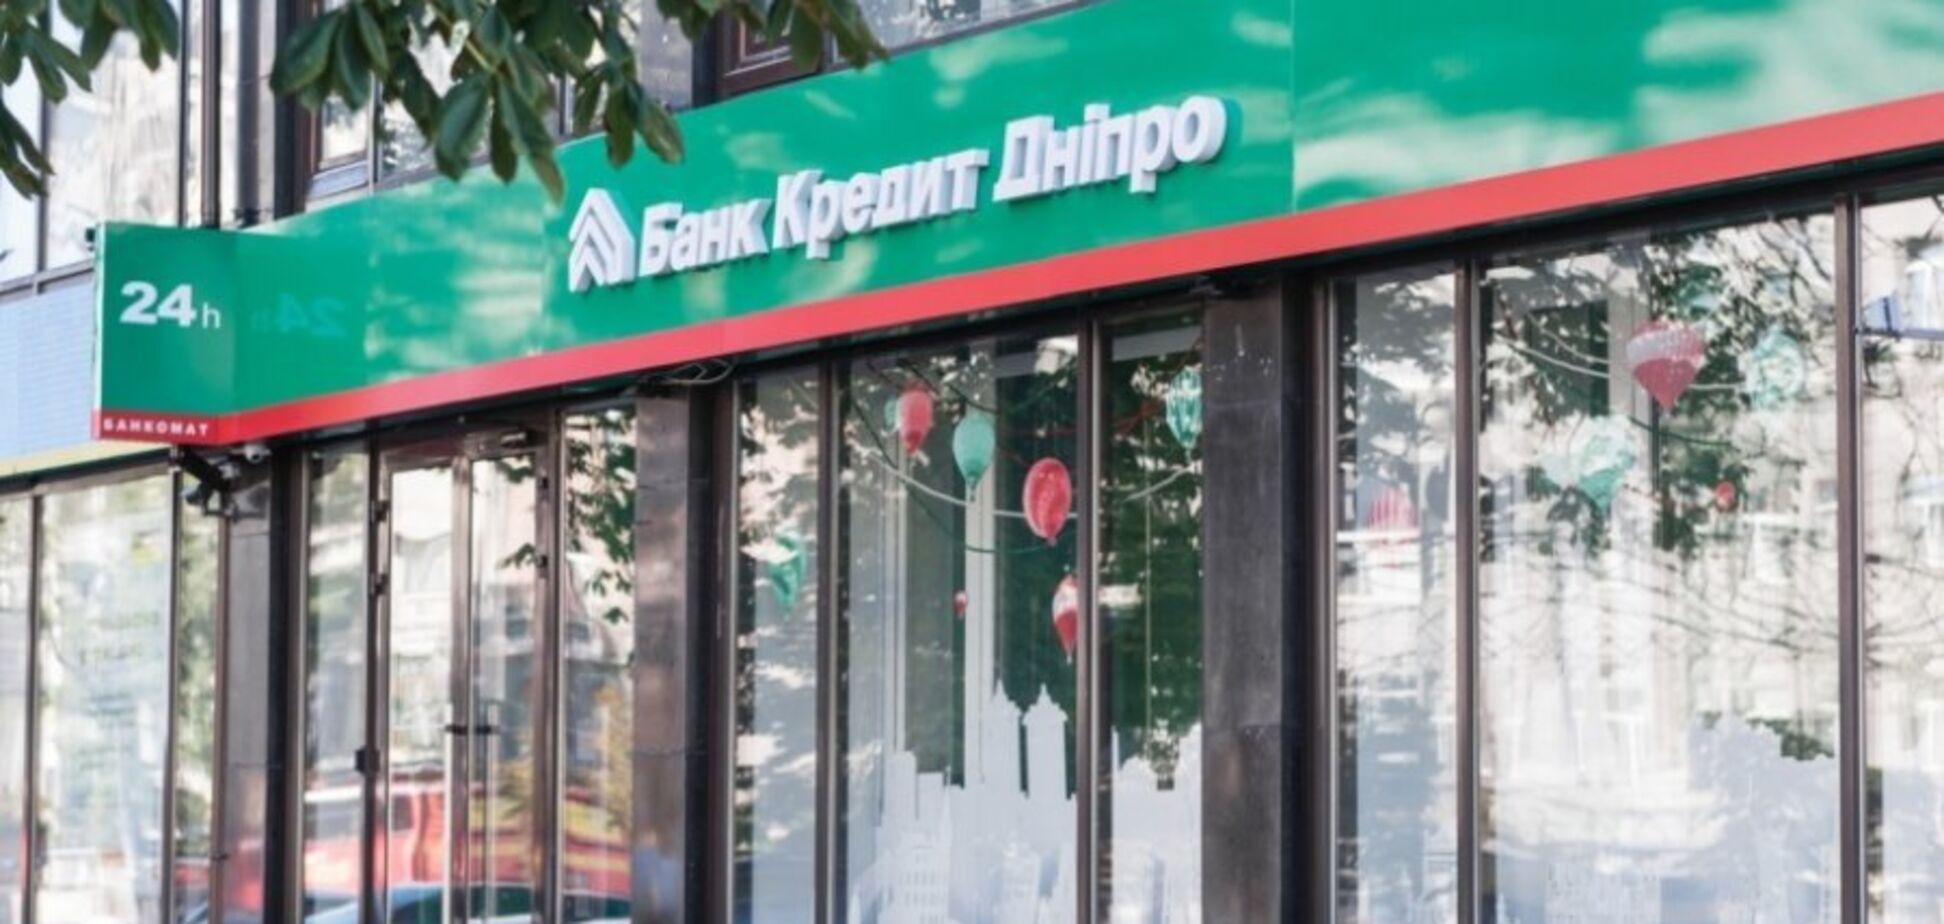 Банку Ярославського підтвердили довгостроковий кредитний рейтинг з 'позитивним' прогнозом